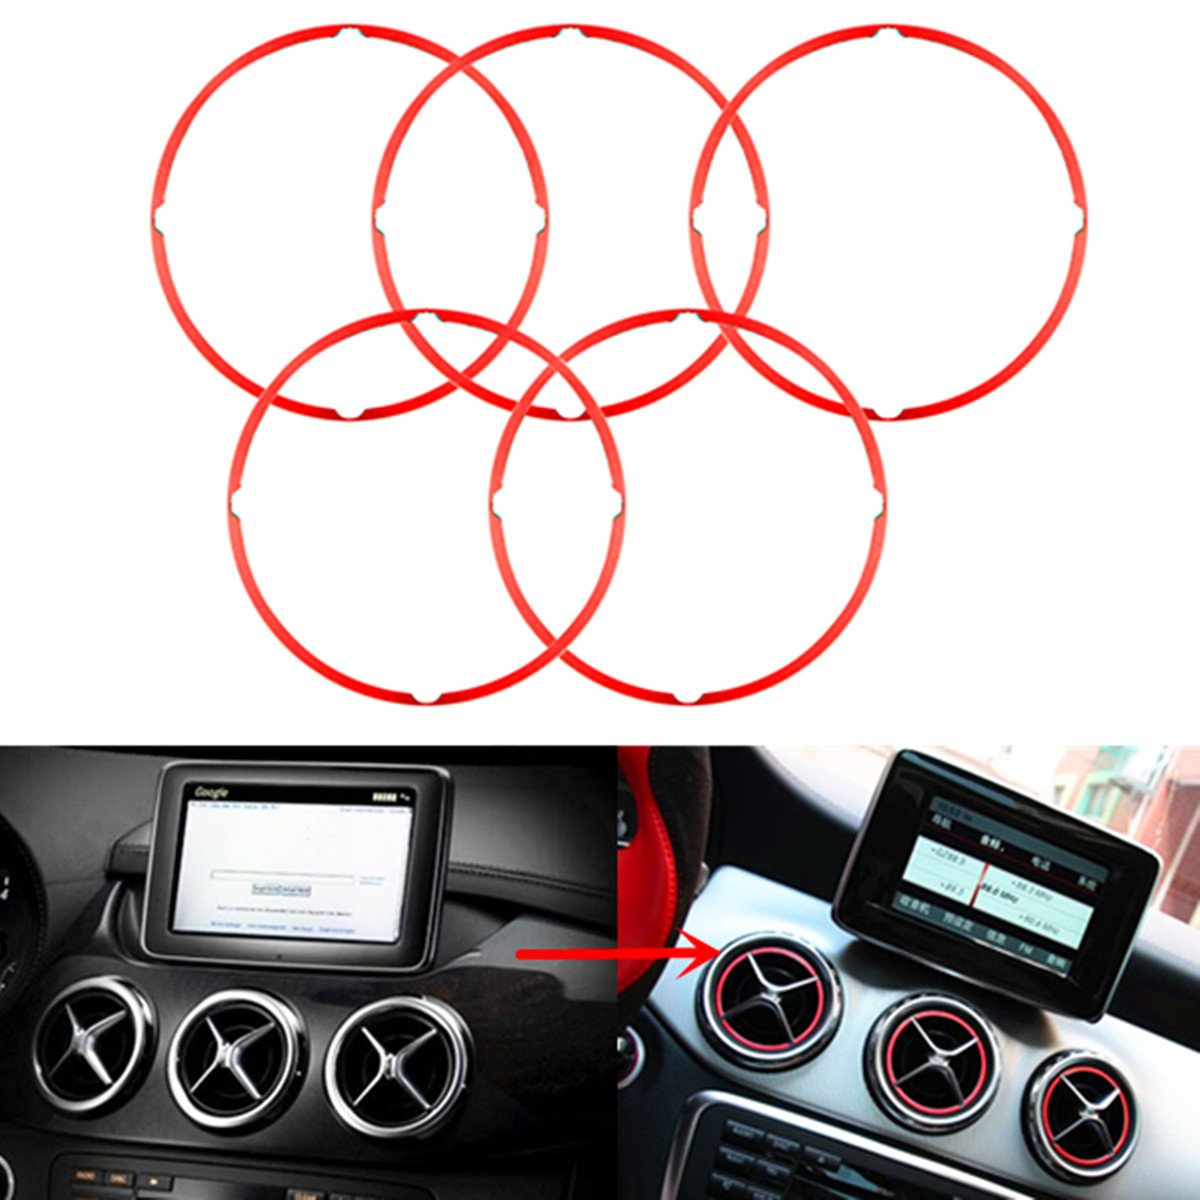 Alamor 5Pcs Couvercle D'É vent De Sortie D'Air Rouge Pour Mercedes Benz Cla Gla180 200 220 260